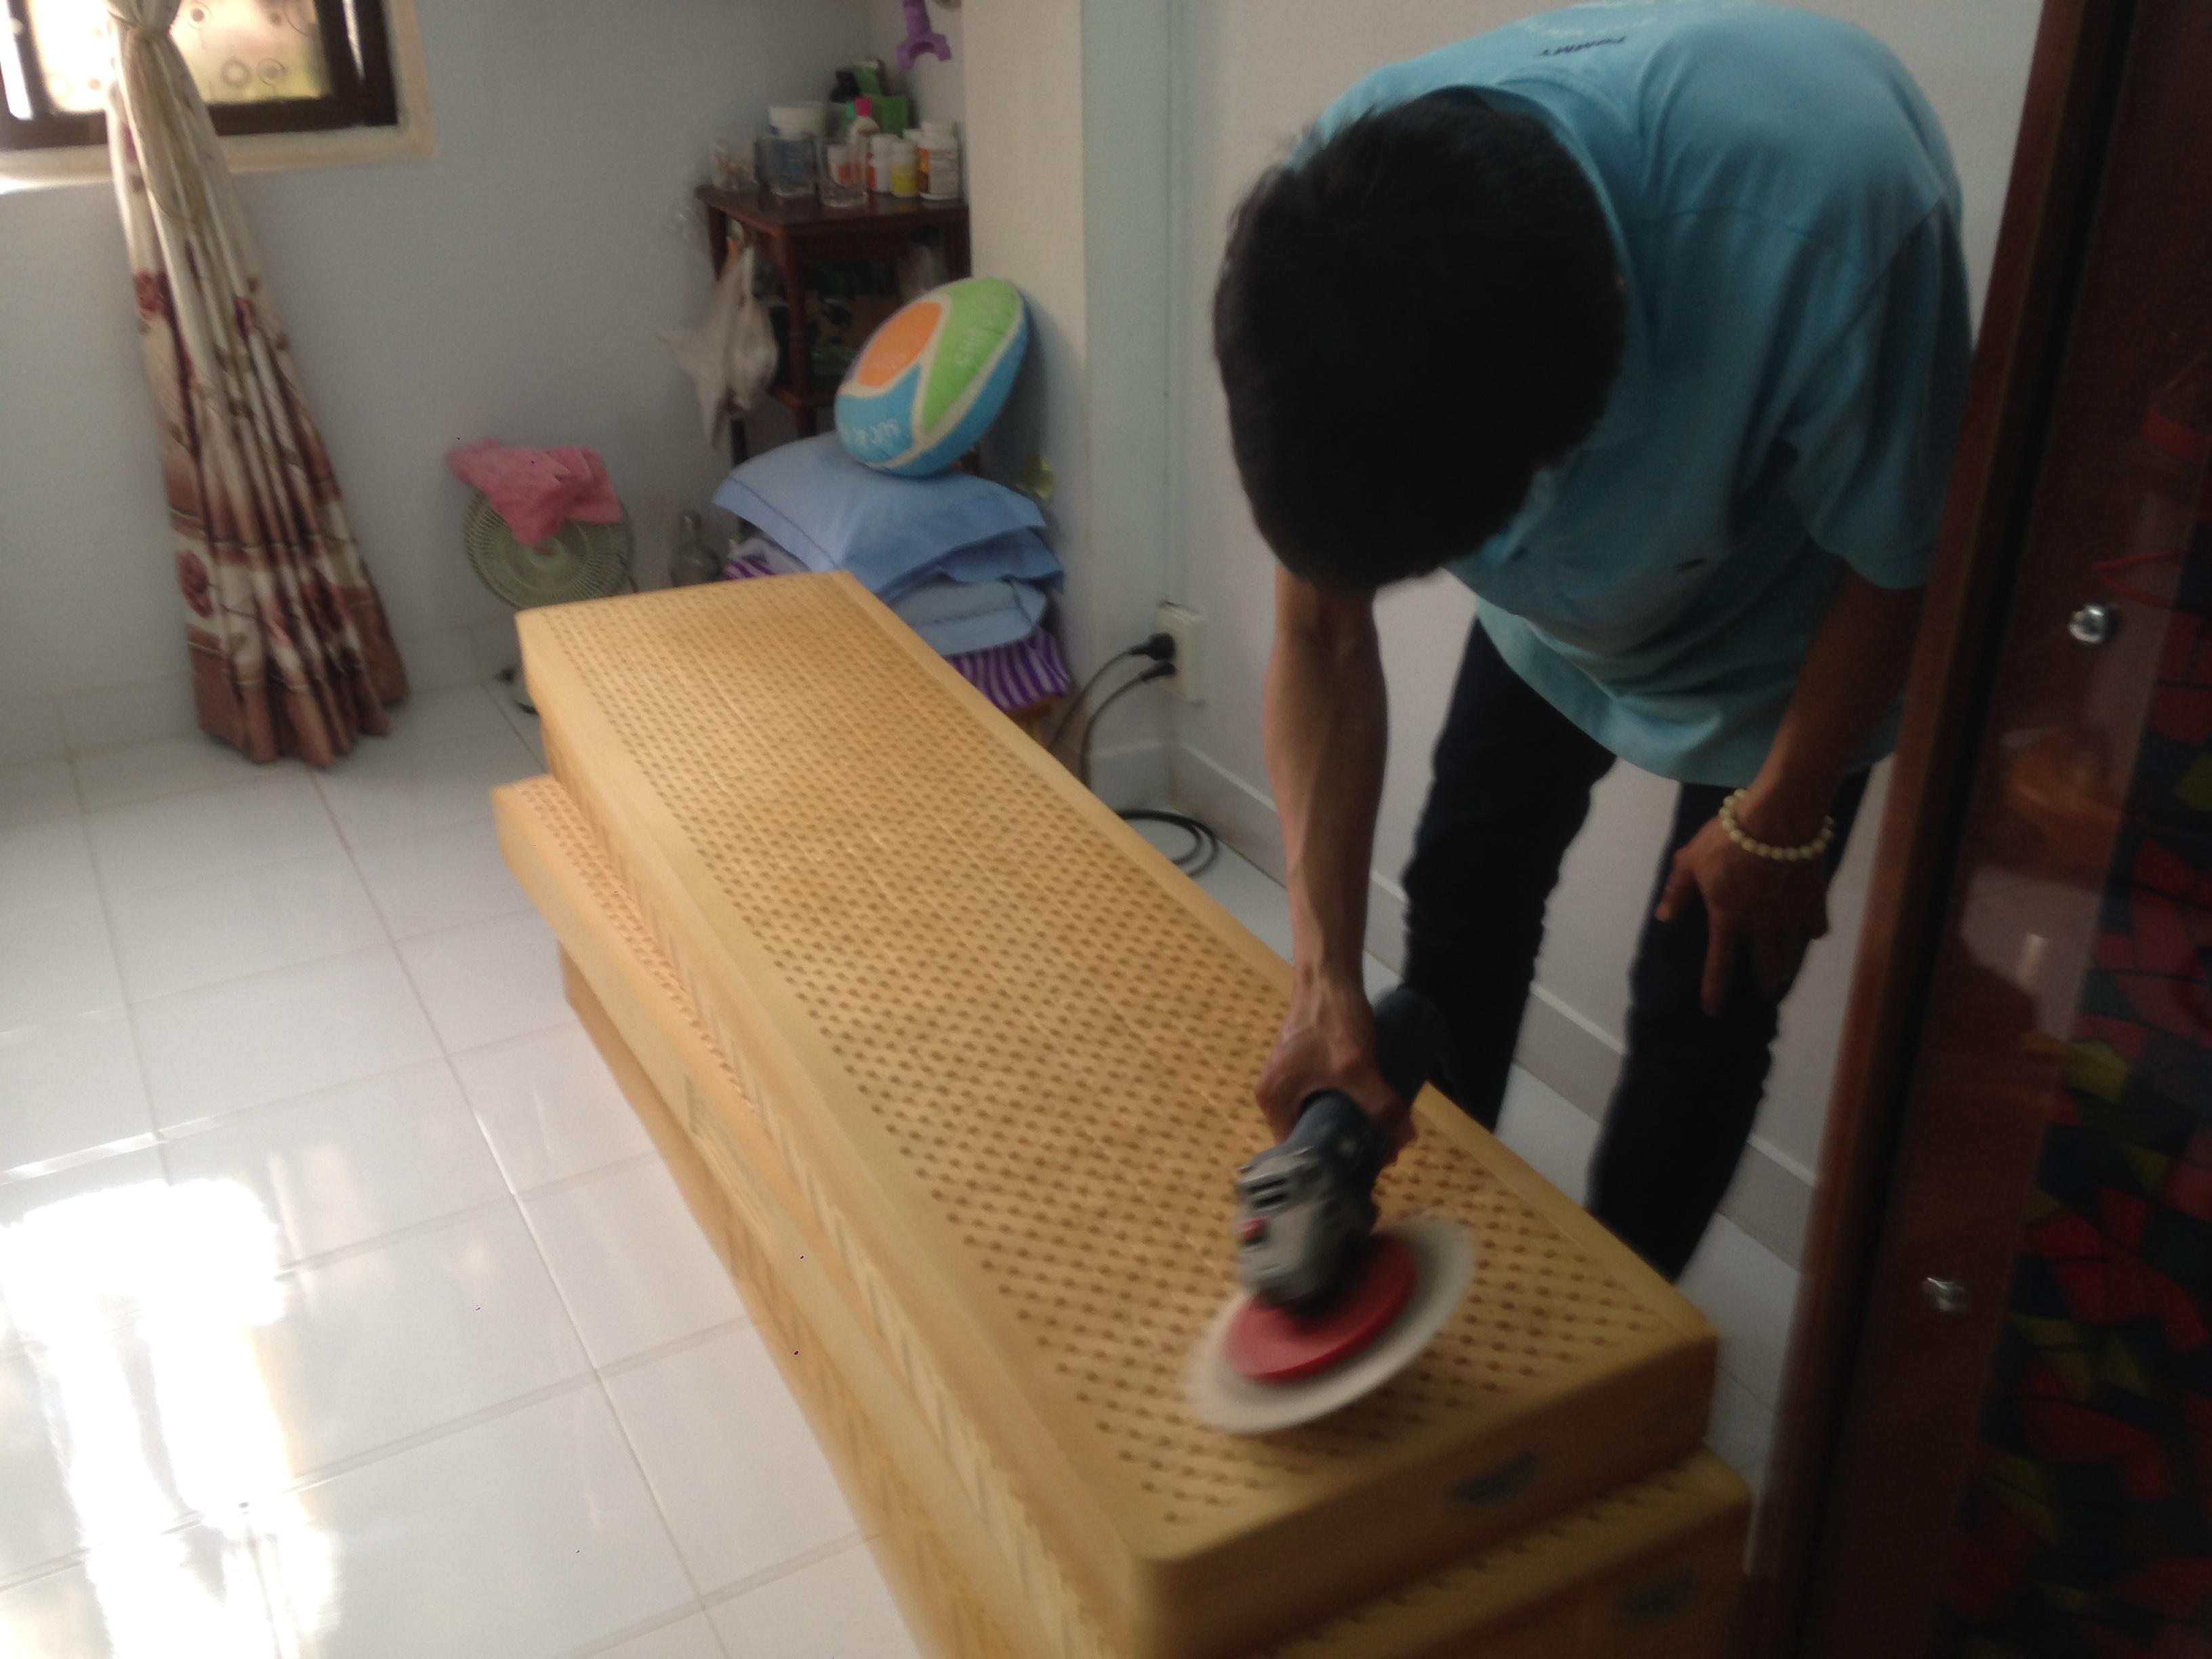 Dịch vụ giặt đệm tại Hà Nội